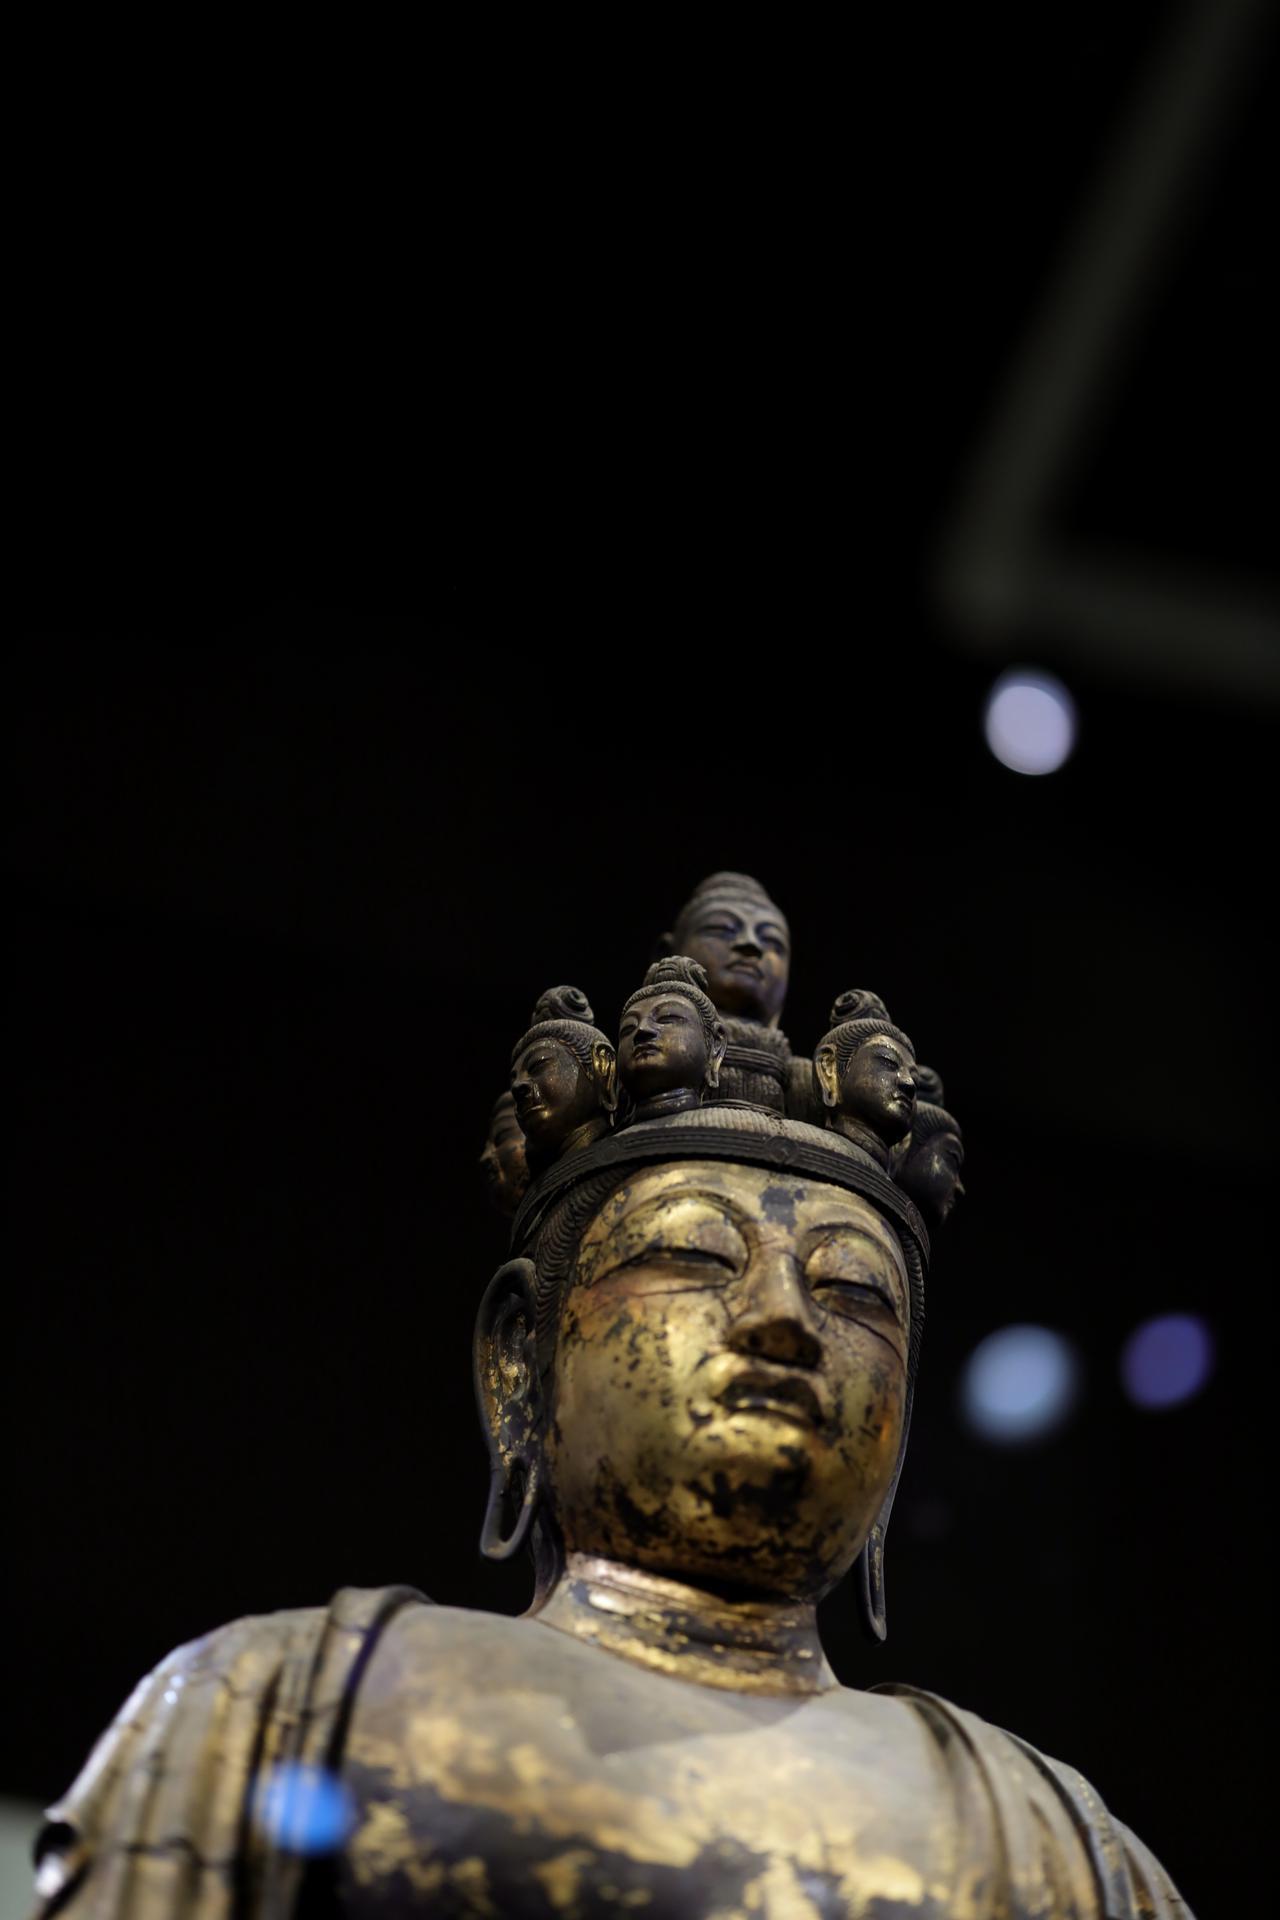 画像: 国宝 十一面観音菩薩立像 (部分) 奈良時代・8世紀 奈良・聖林寺蔵 前から見ると頭上面は正面の菩薩面だけが欠損